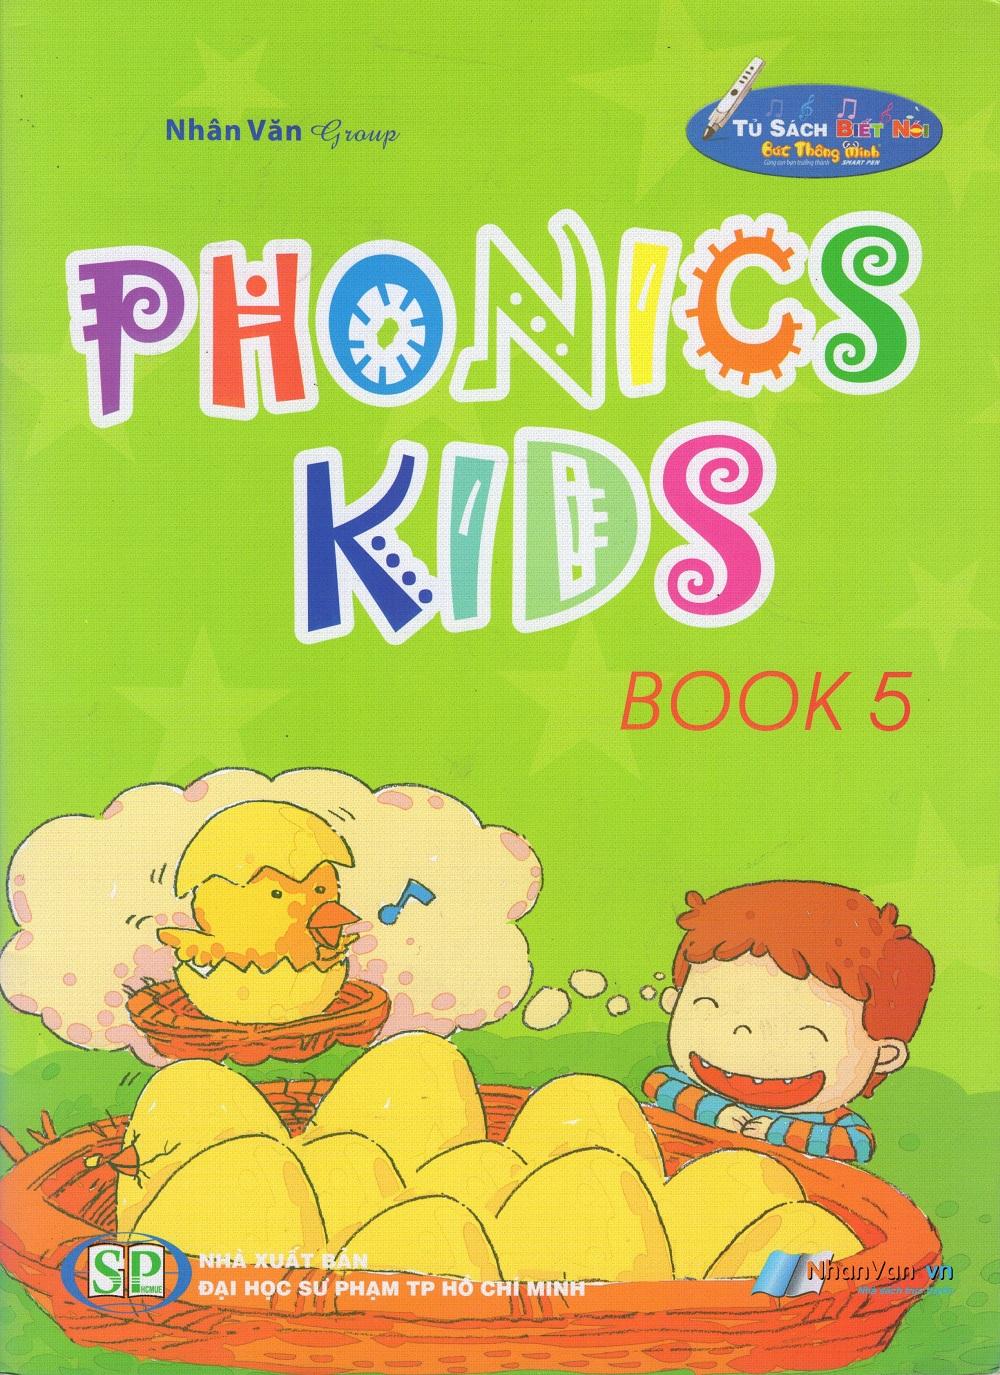 Bìa sách Phonics Kids (Tập 5)